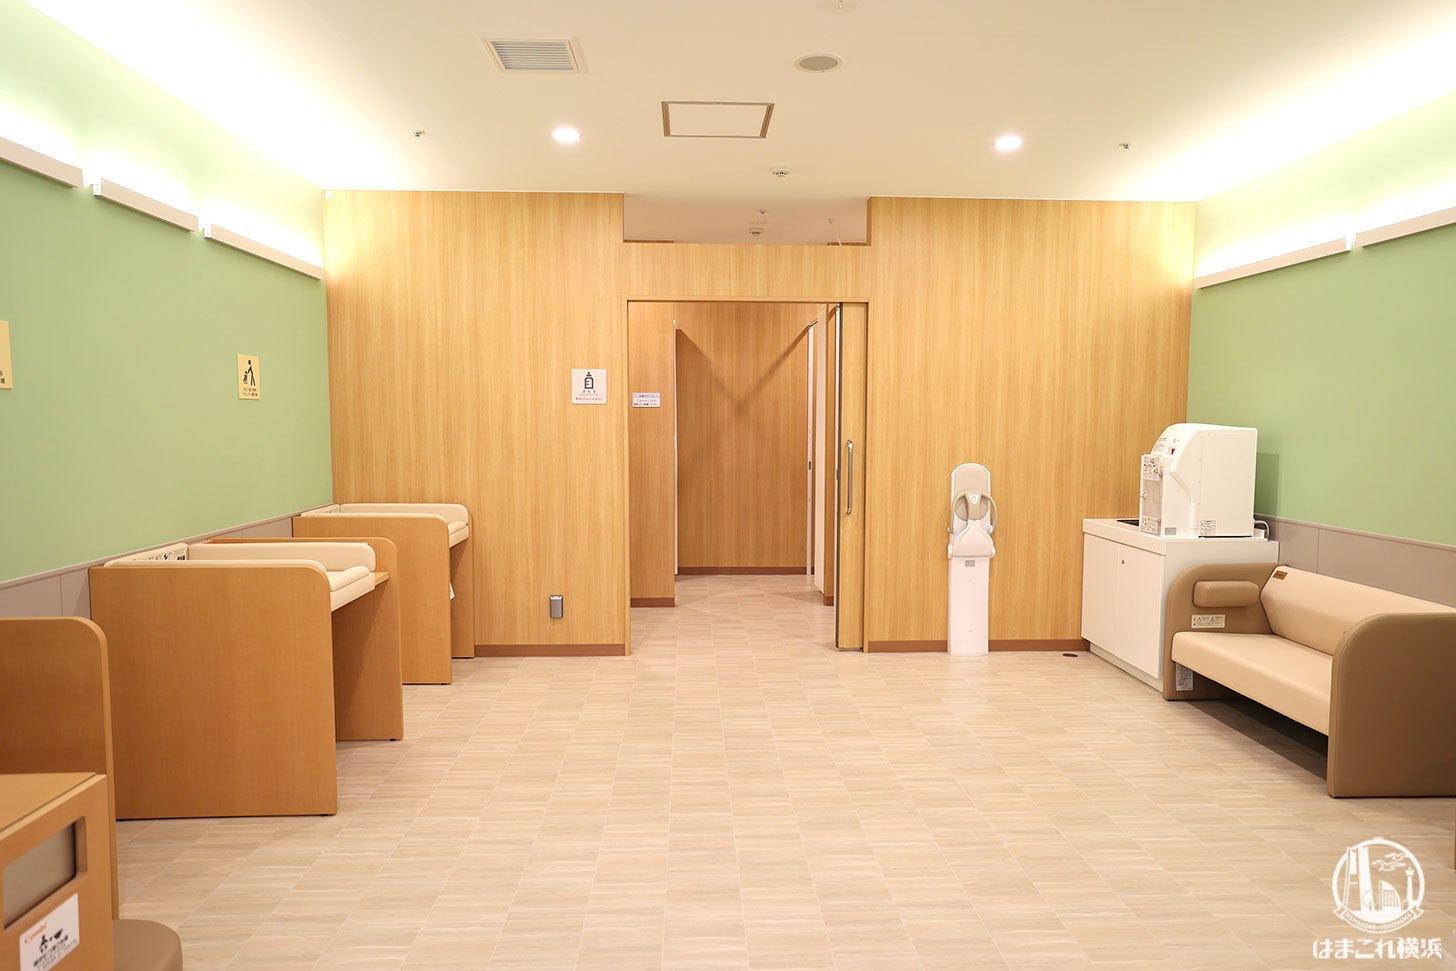 ベビー休憩室